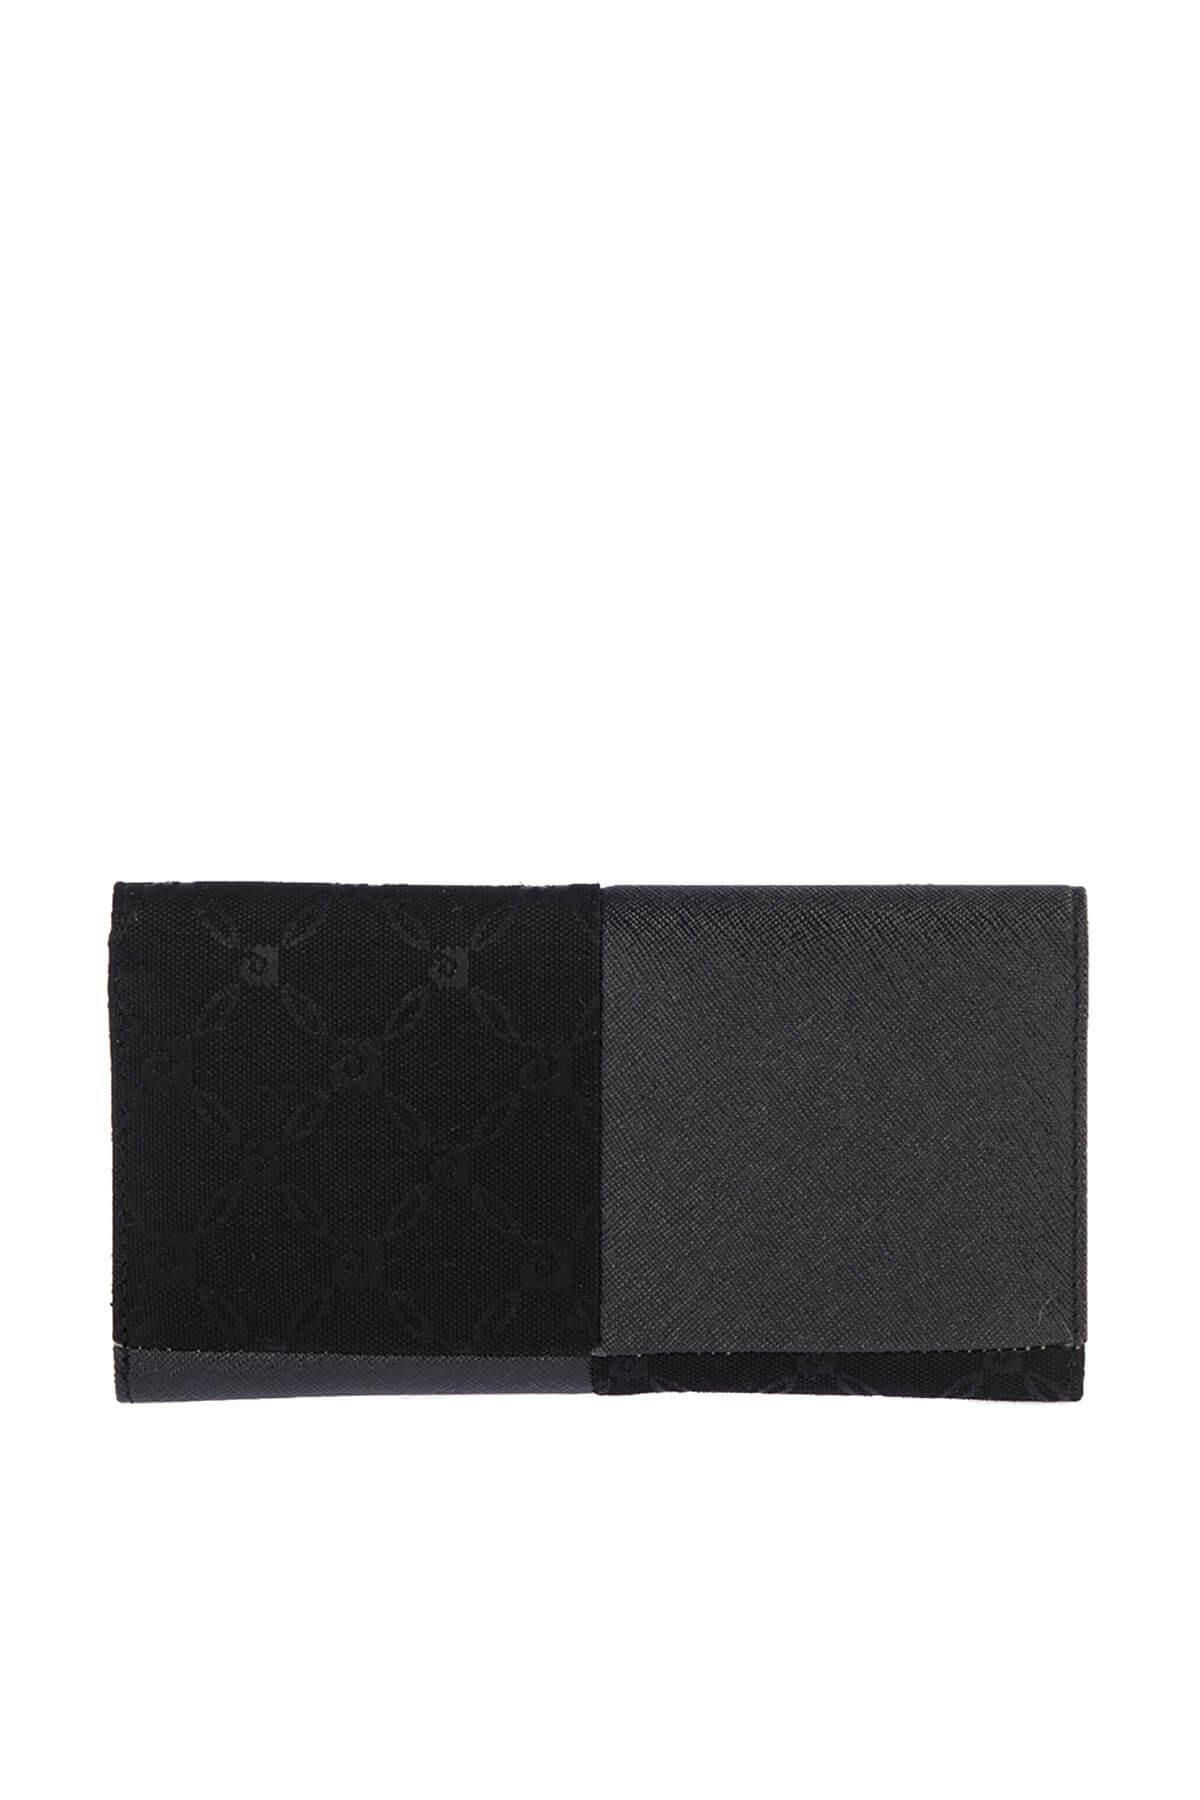 خرید اسان کیف پول زنانه اسپرت جدید برند پیرکاردین رنگ مشکی کد ty3865364